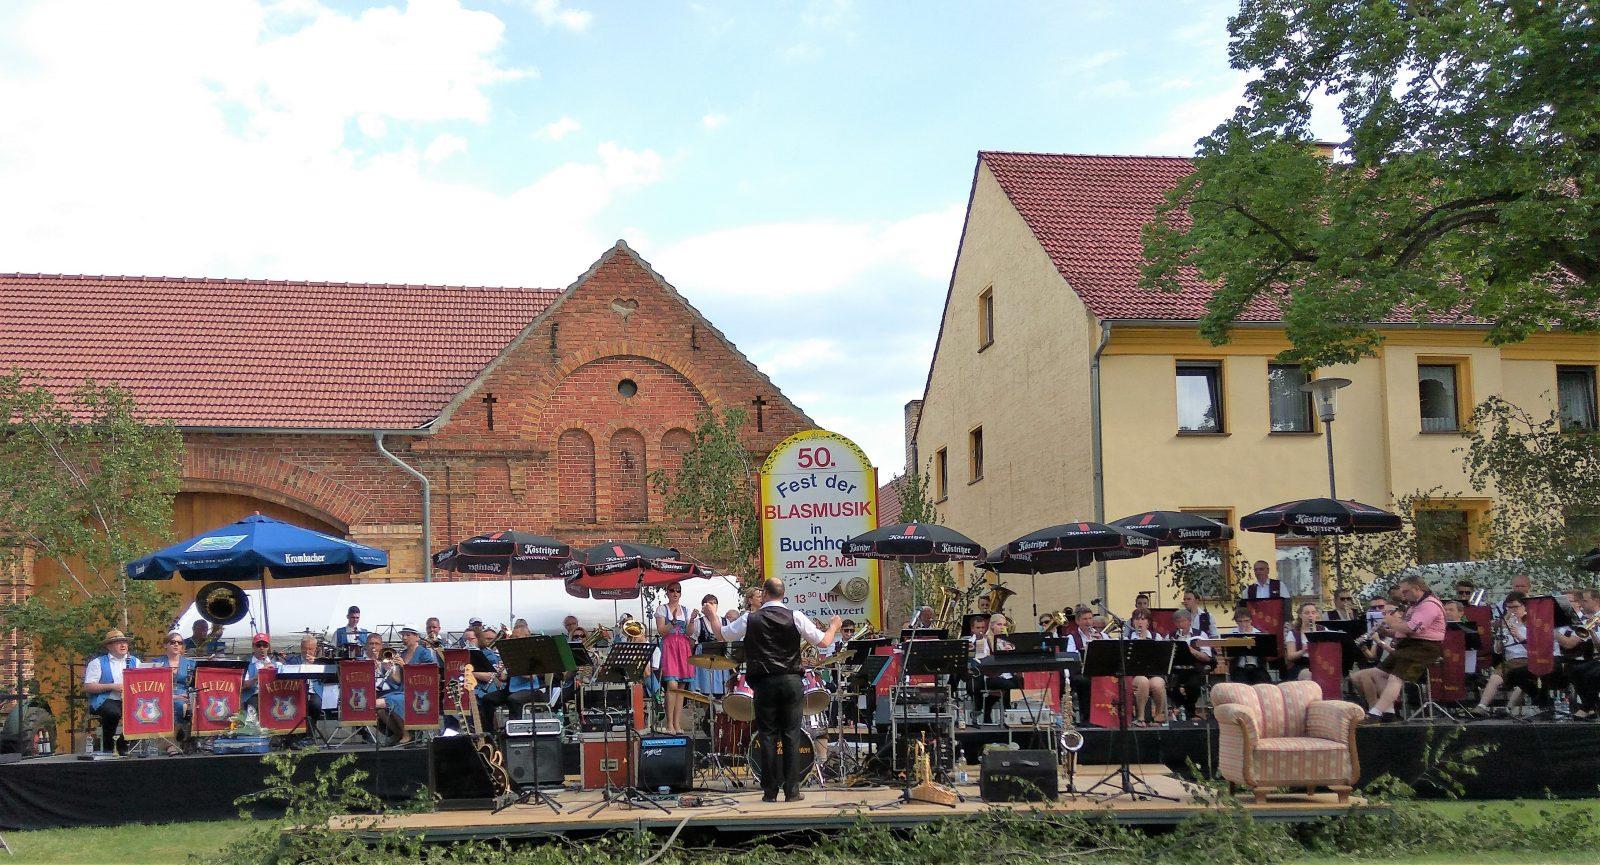 Fest der Blasmusik in Buchholz b. Beelitz 2017